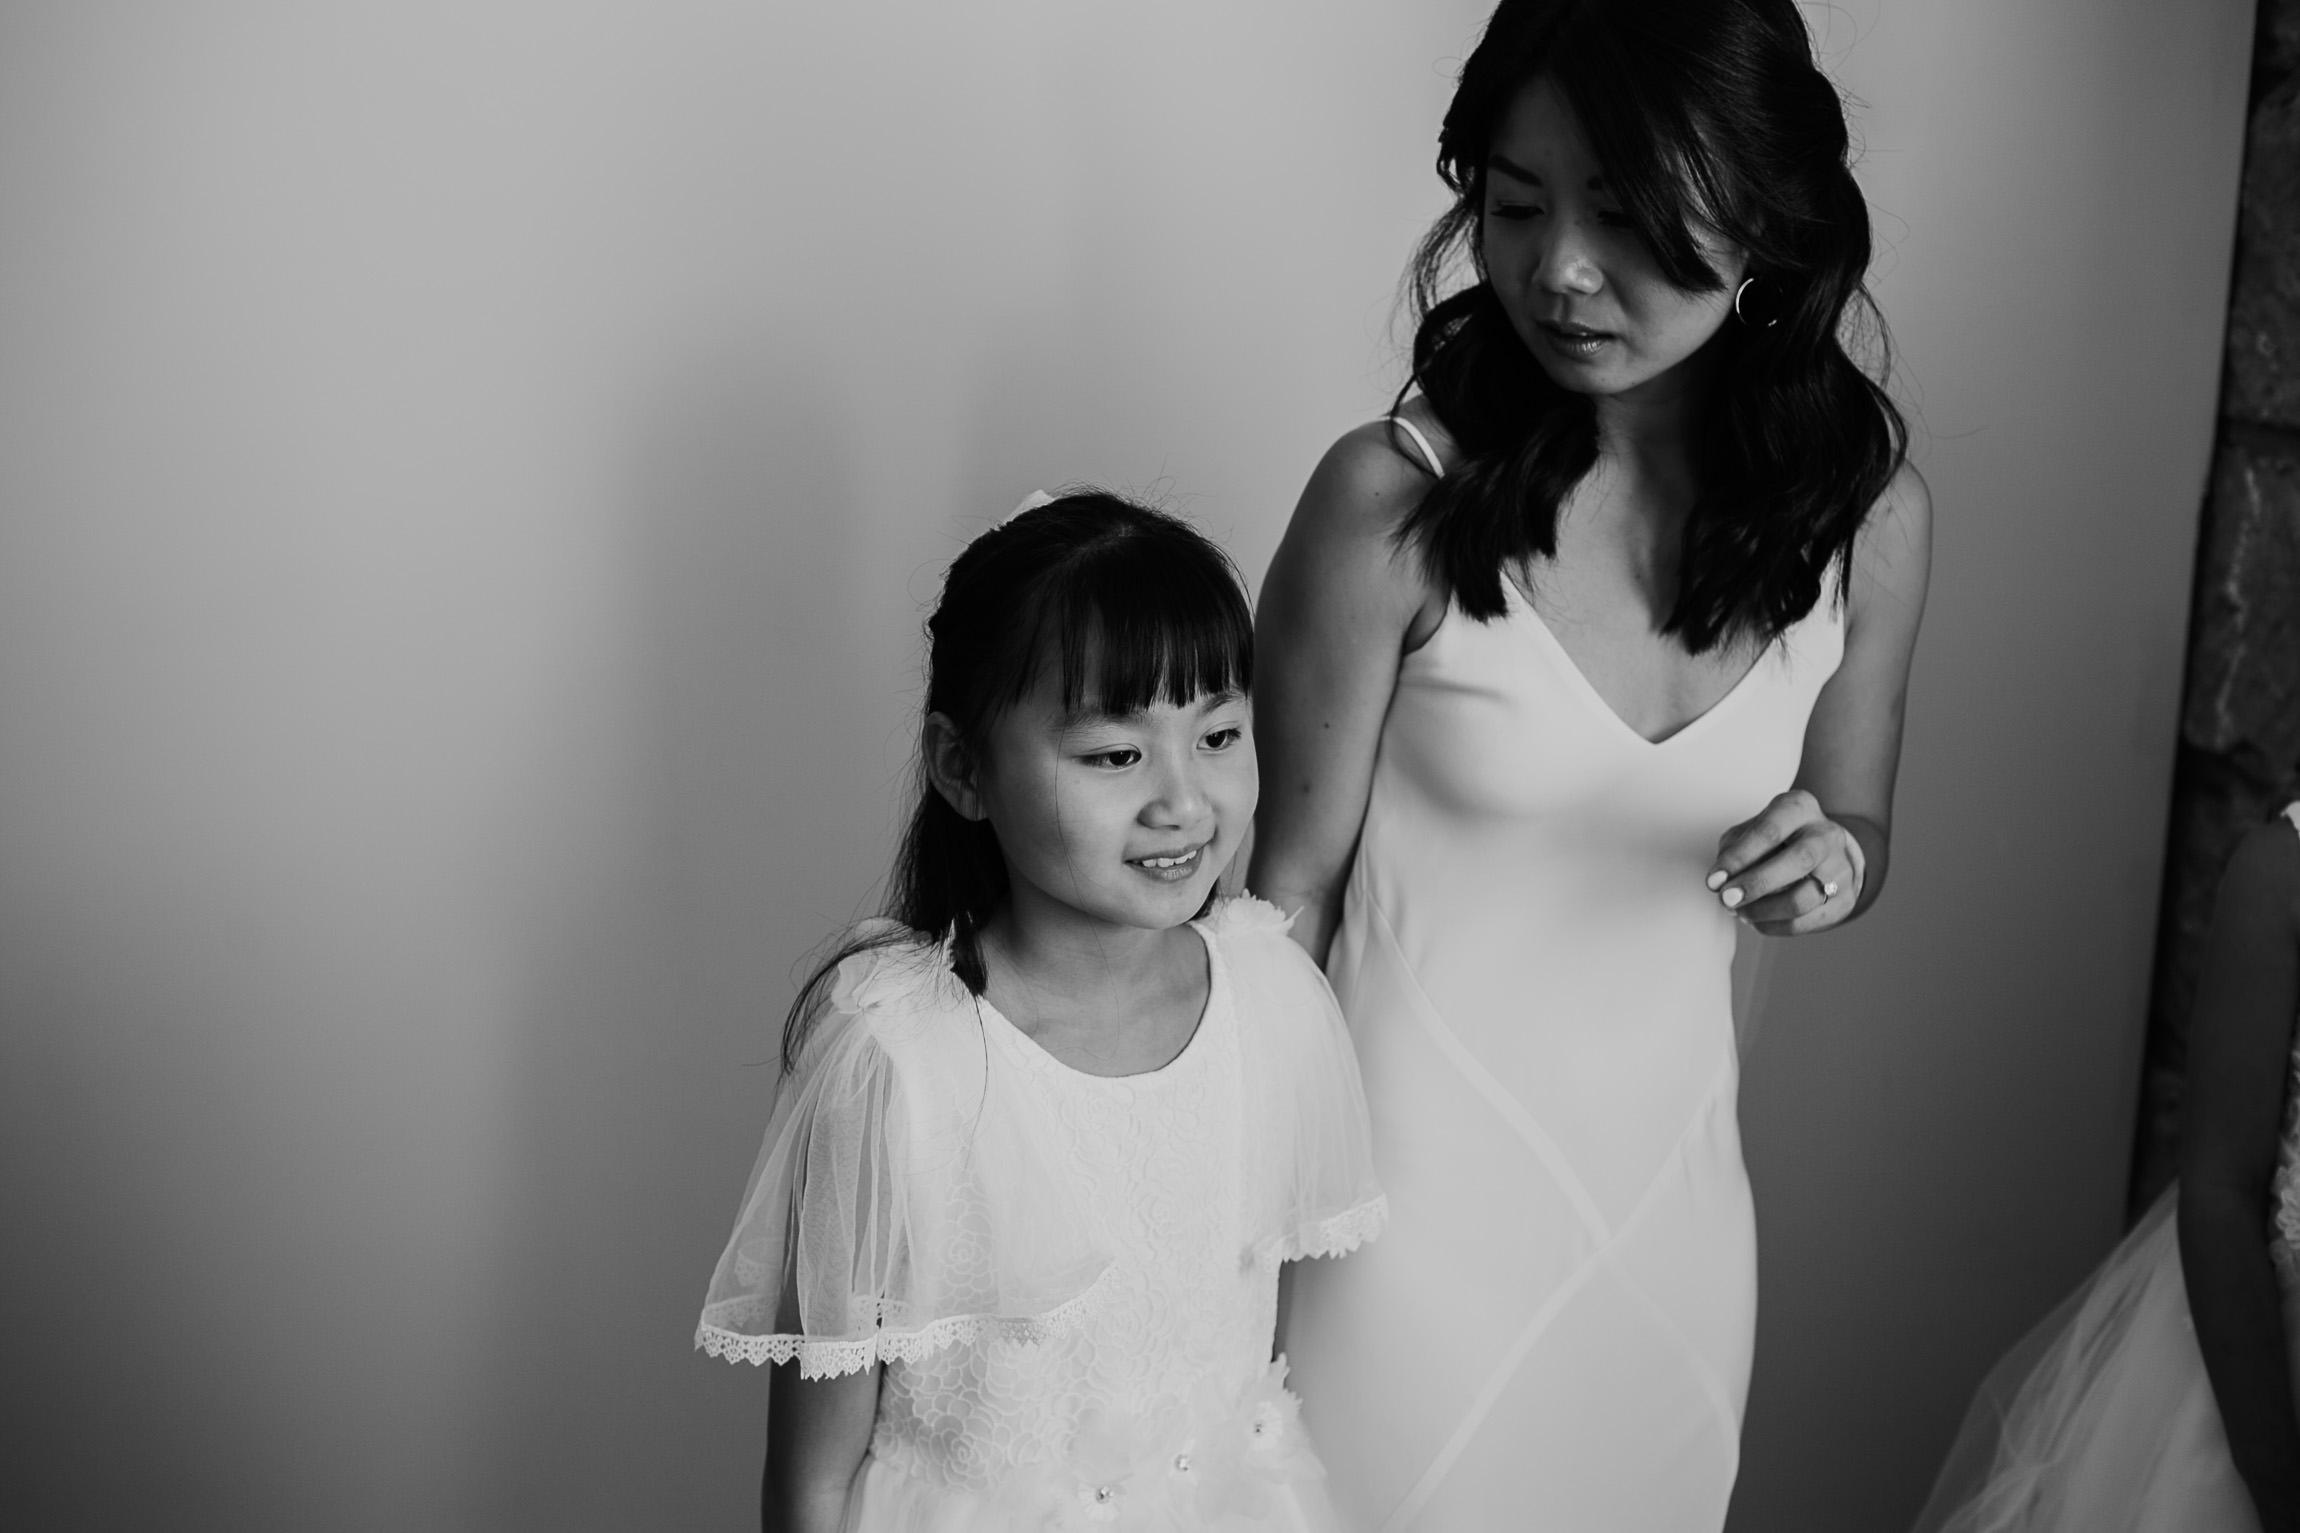 180420_justinaaron_wedding_yang_ben_h-056.jpg